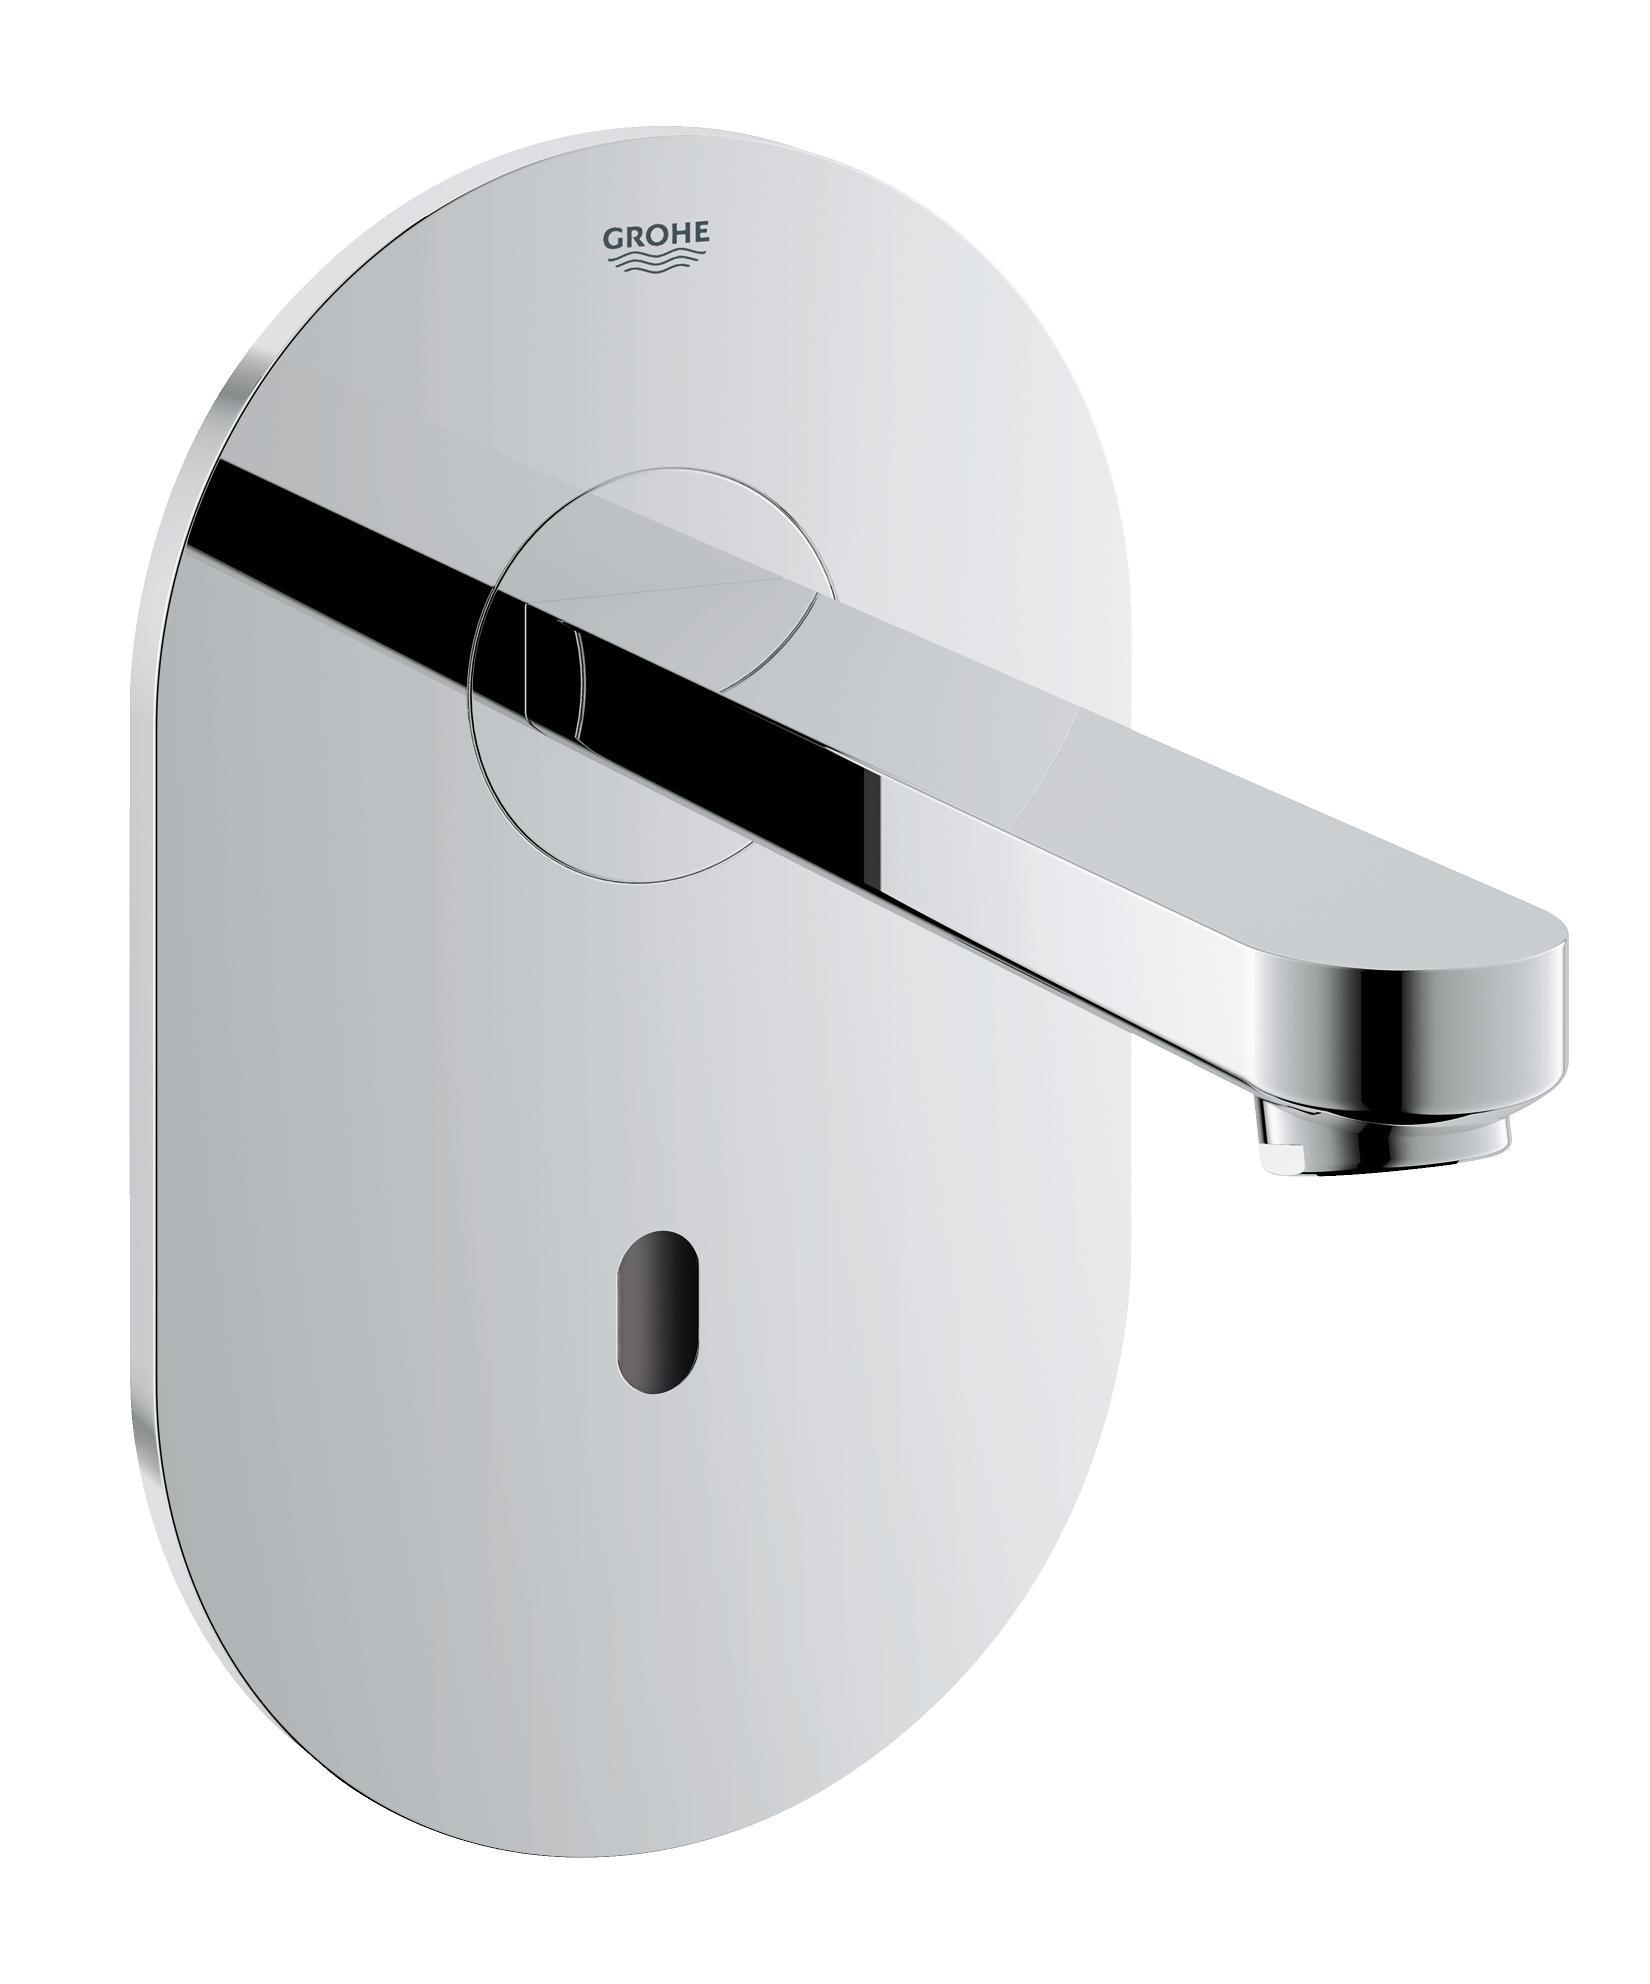 Смеситель для раковины Grohe Euroeco cosmopolitan e 36273000 вентиль автоматический вертикальный grohe euroeco cosmopolitan t 36265000